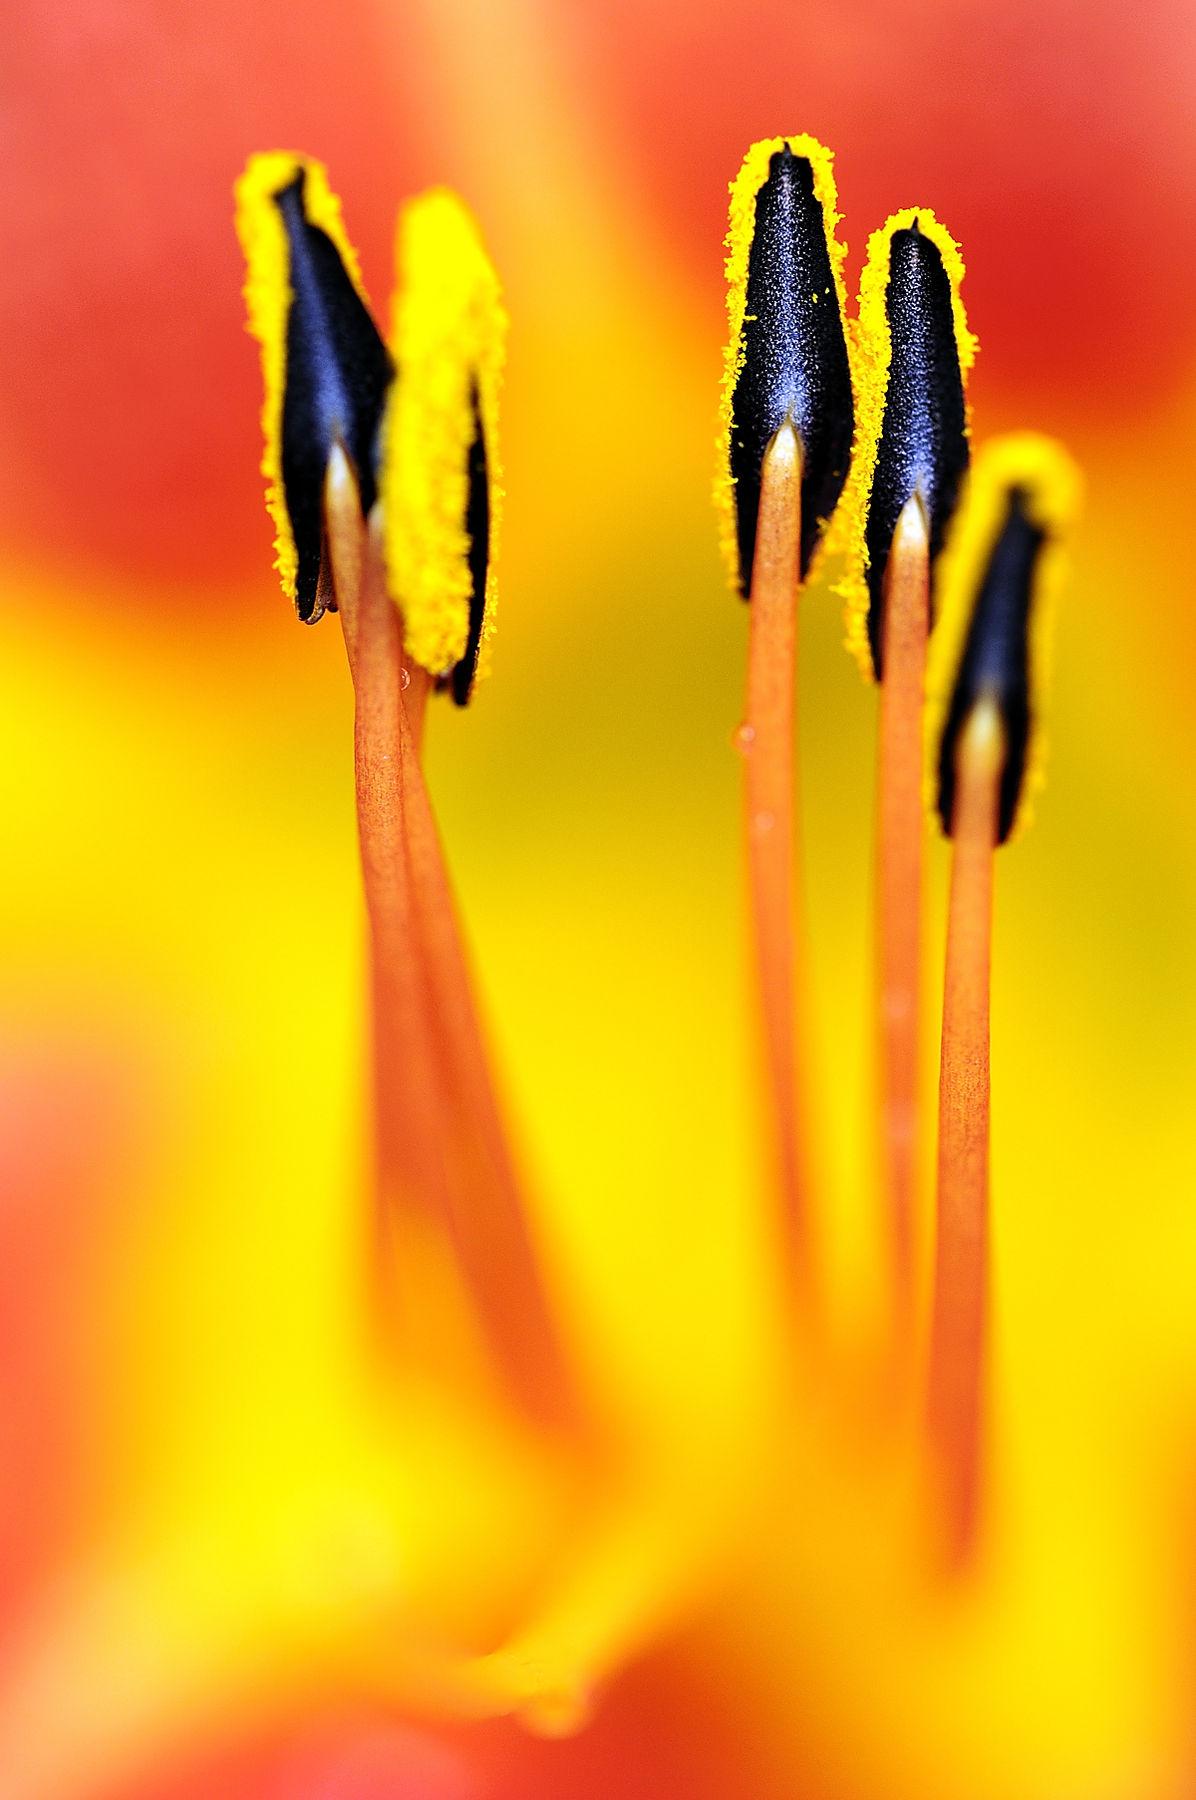 Flowers_DSC8199_022